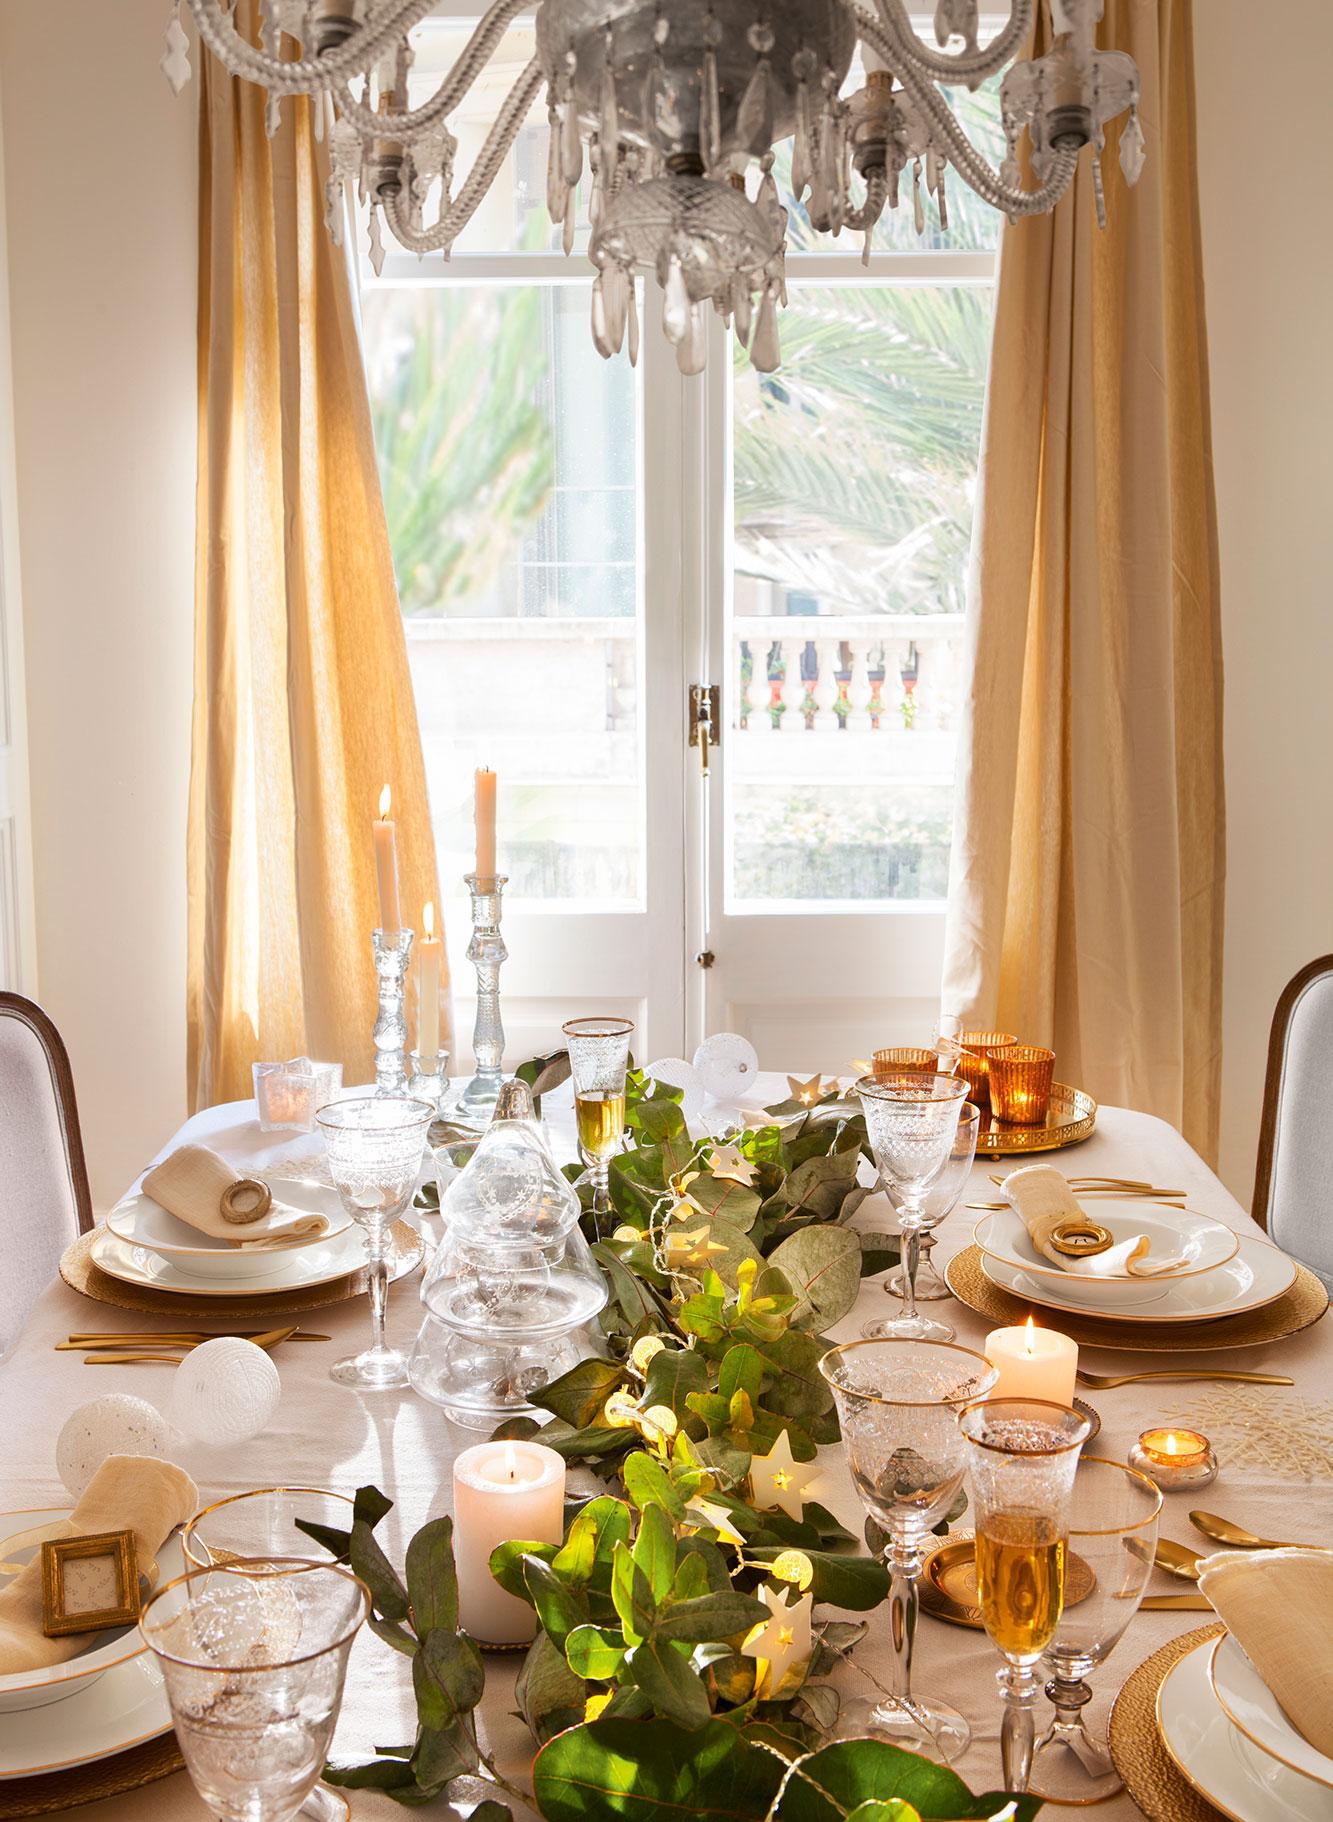 15 propuestas para decorar la mesa de fiesta for Cosas decorativas para navidad